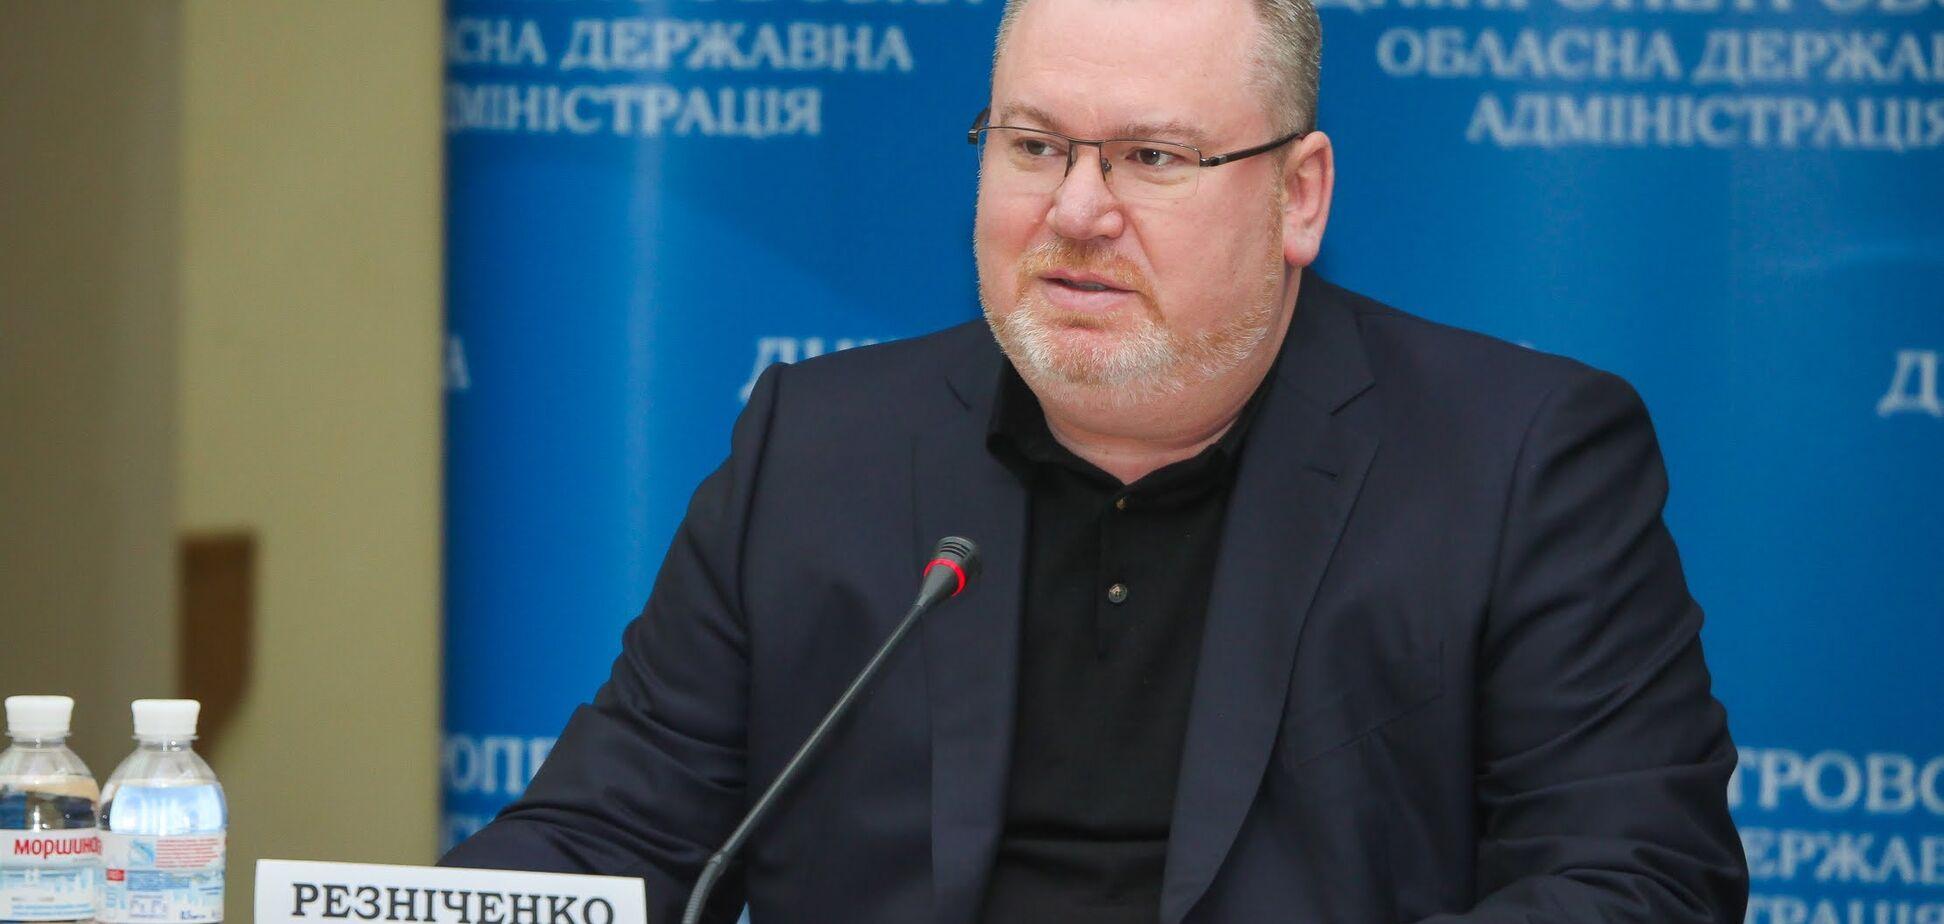 Резніченко: Дніпропетровська ОДА вперше зводить багатоповерхівку під соціальне житло